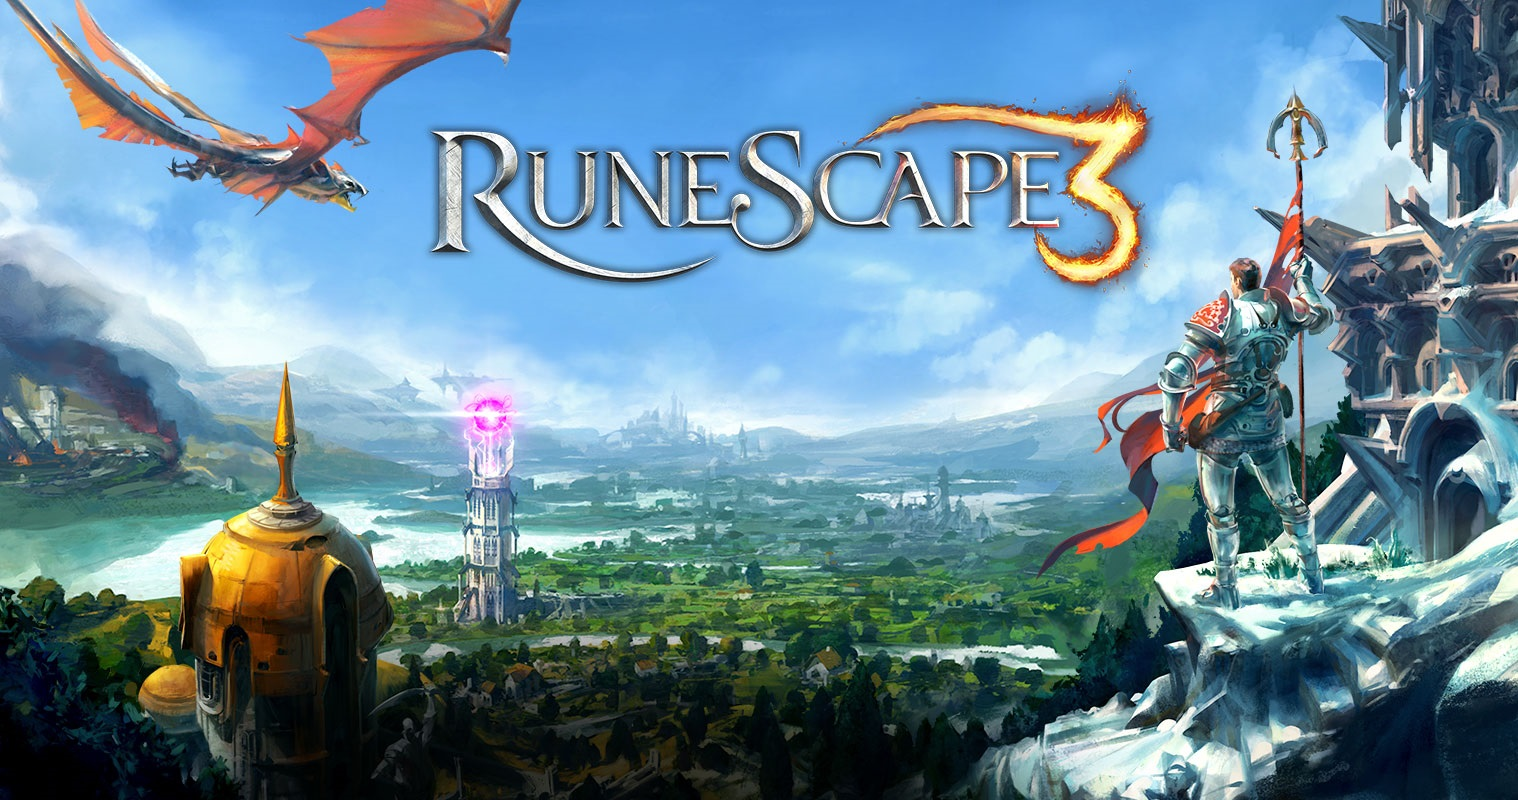 Runescape 3 Latino Juego Gratis Para Pc Los Mejores Juegos Para